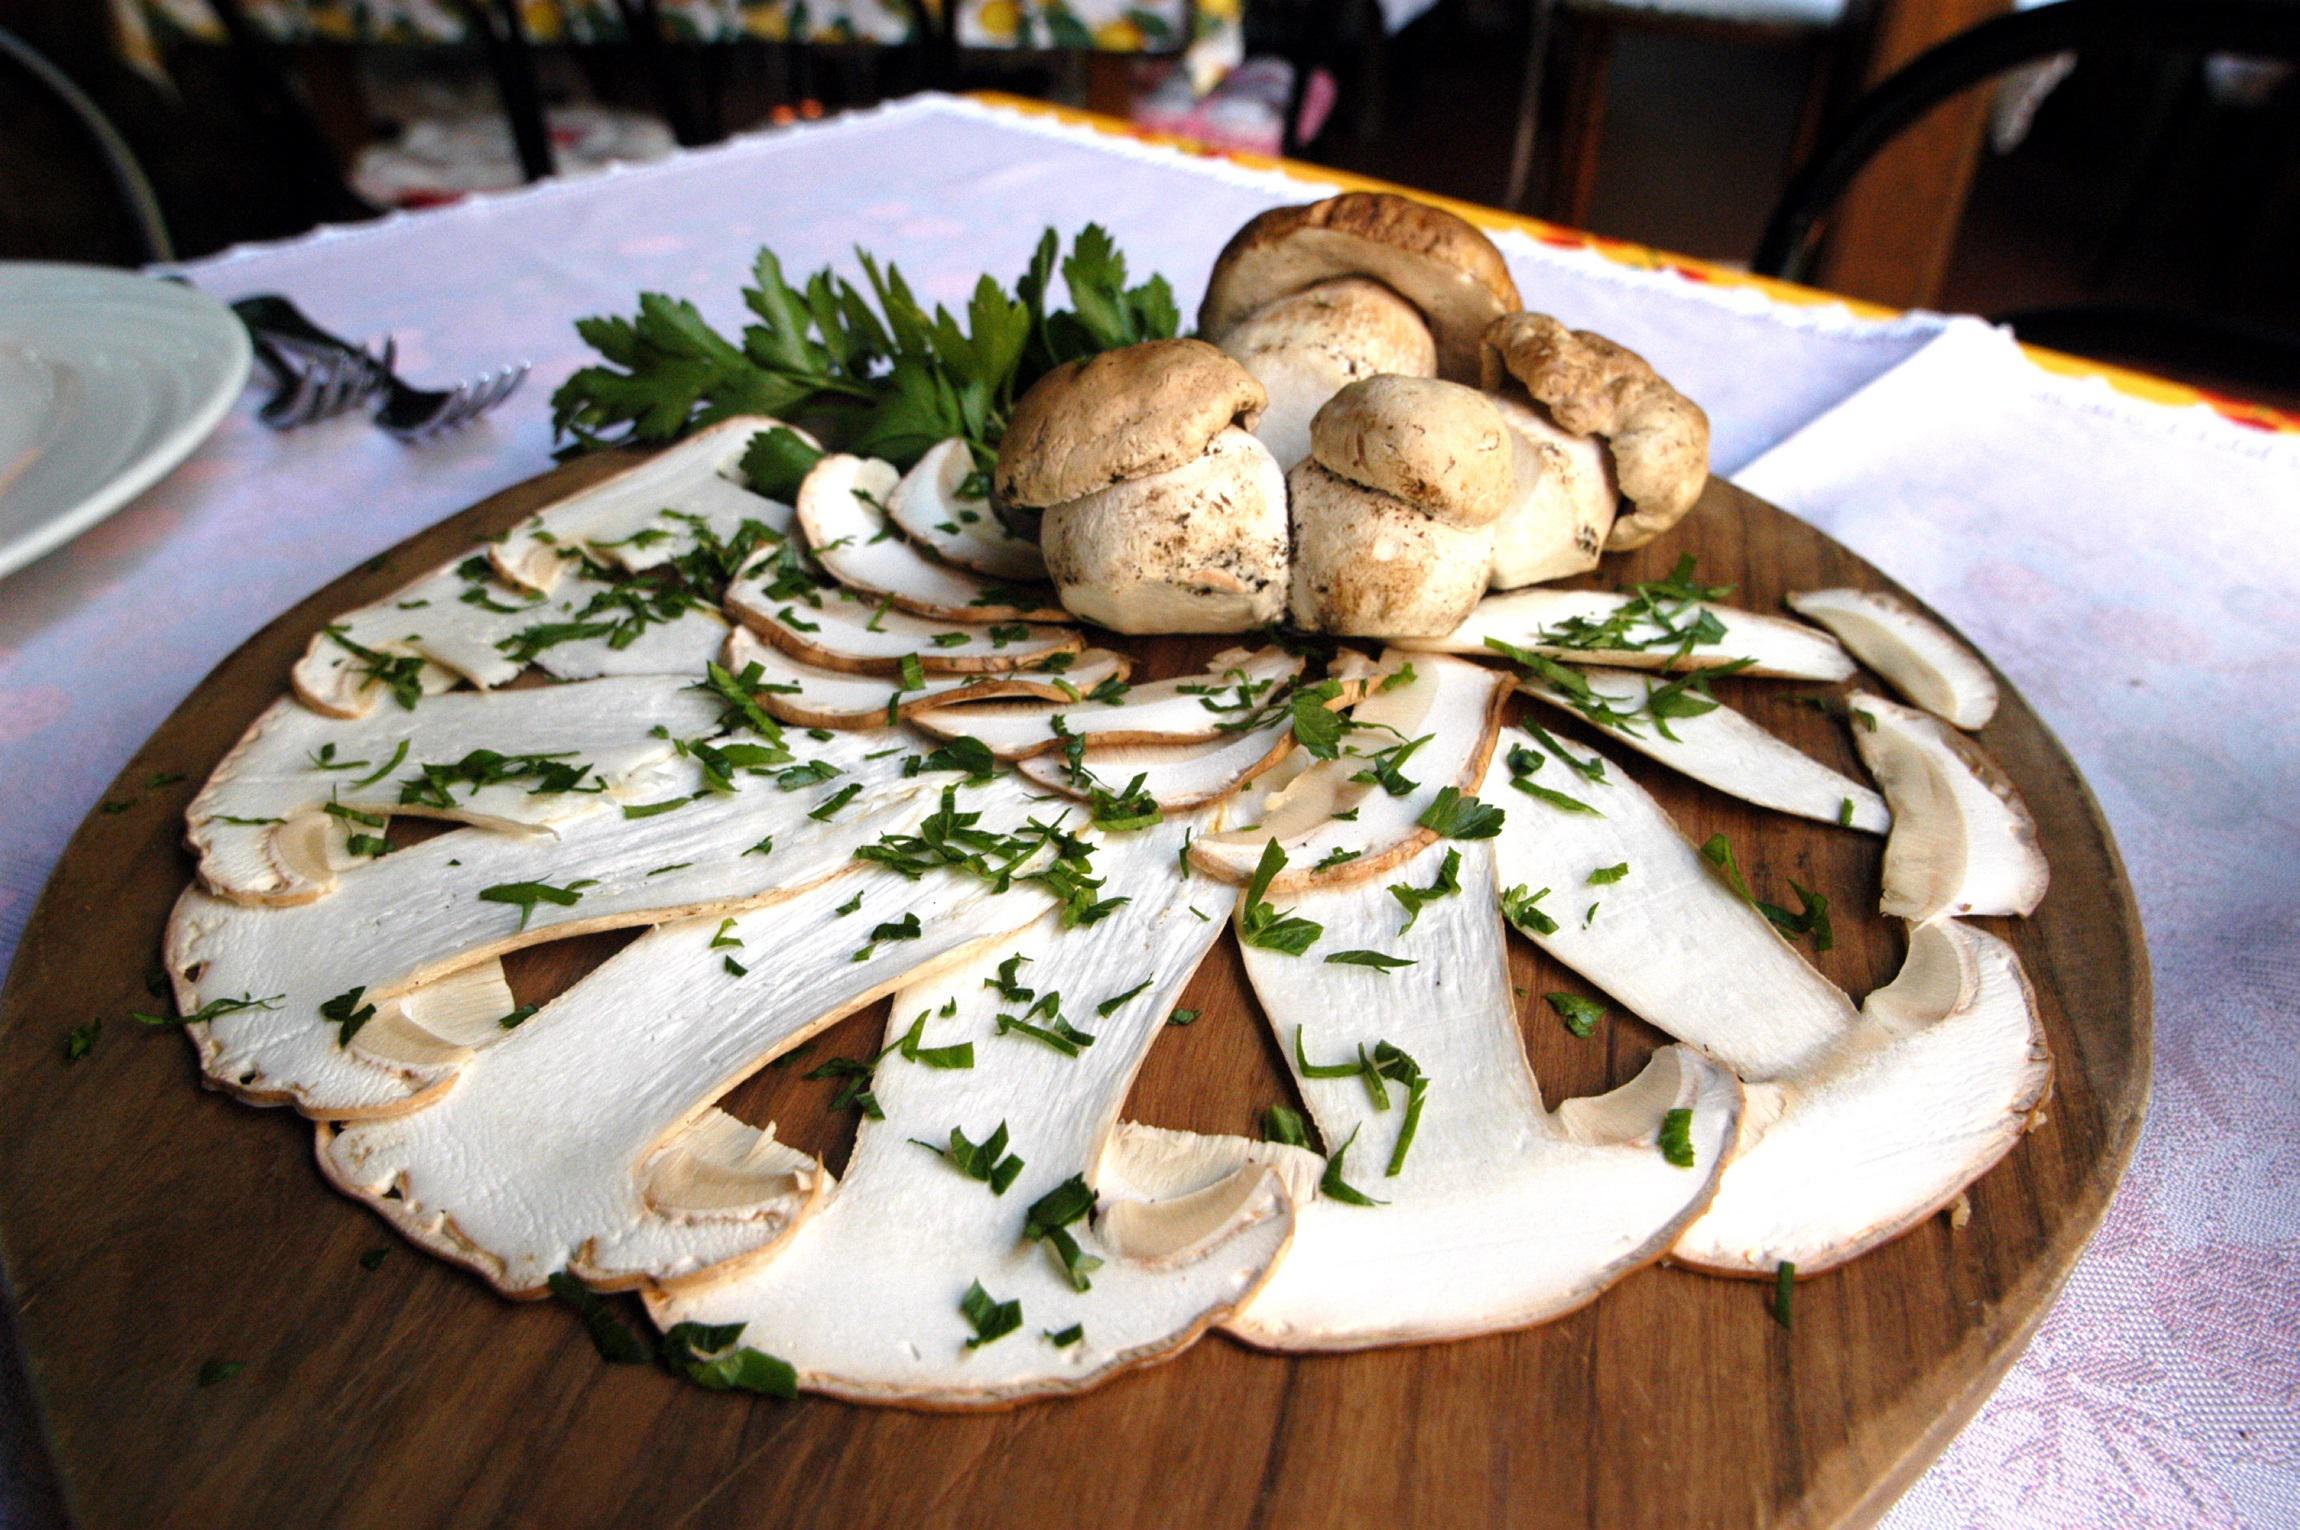 La pioggia una manna per i funghi, con stagione avara fino a 30 euro al chilo